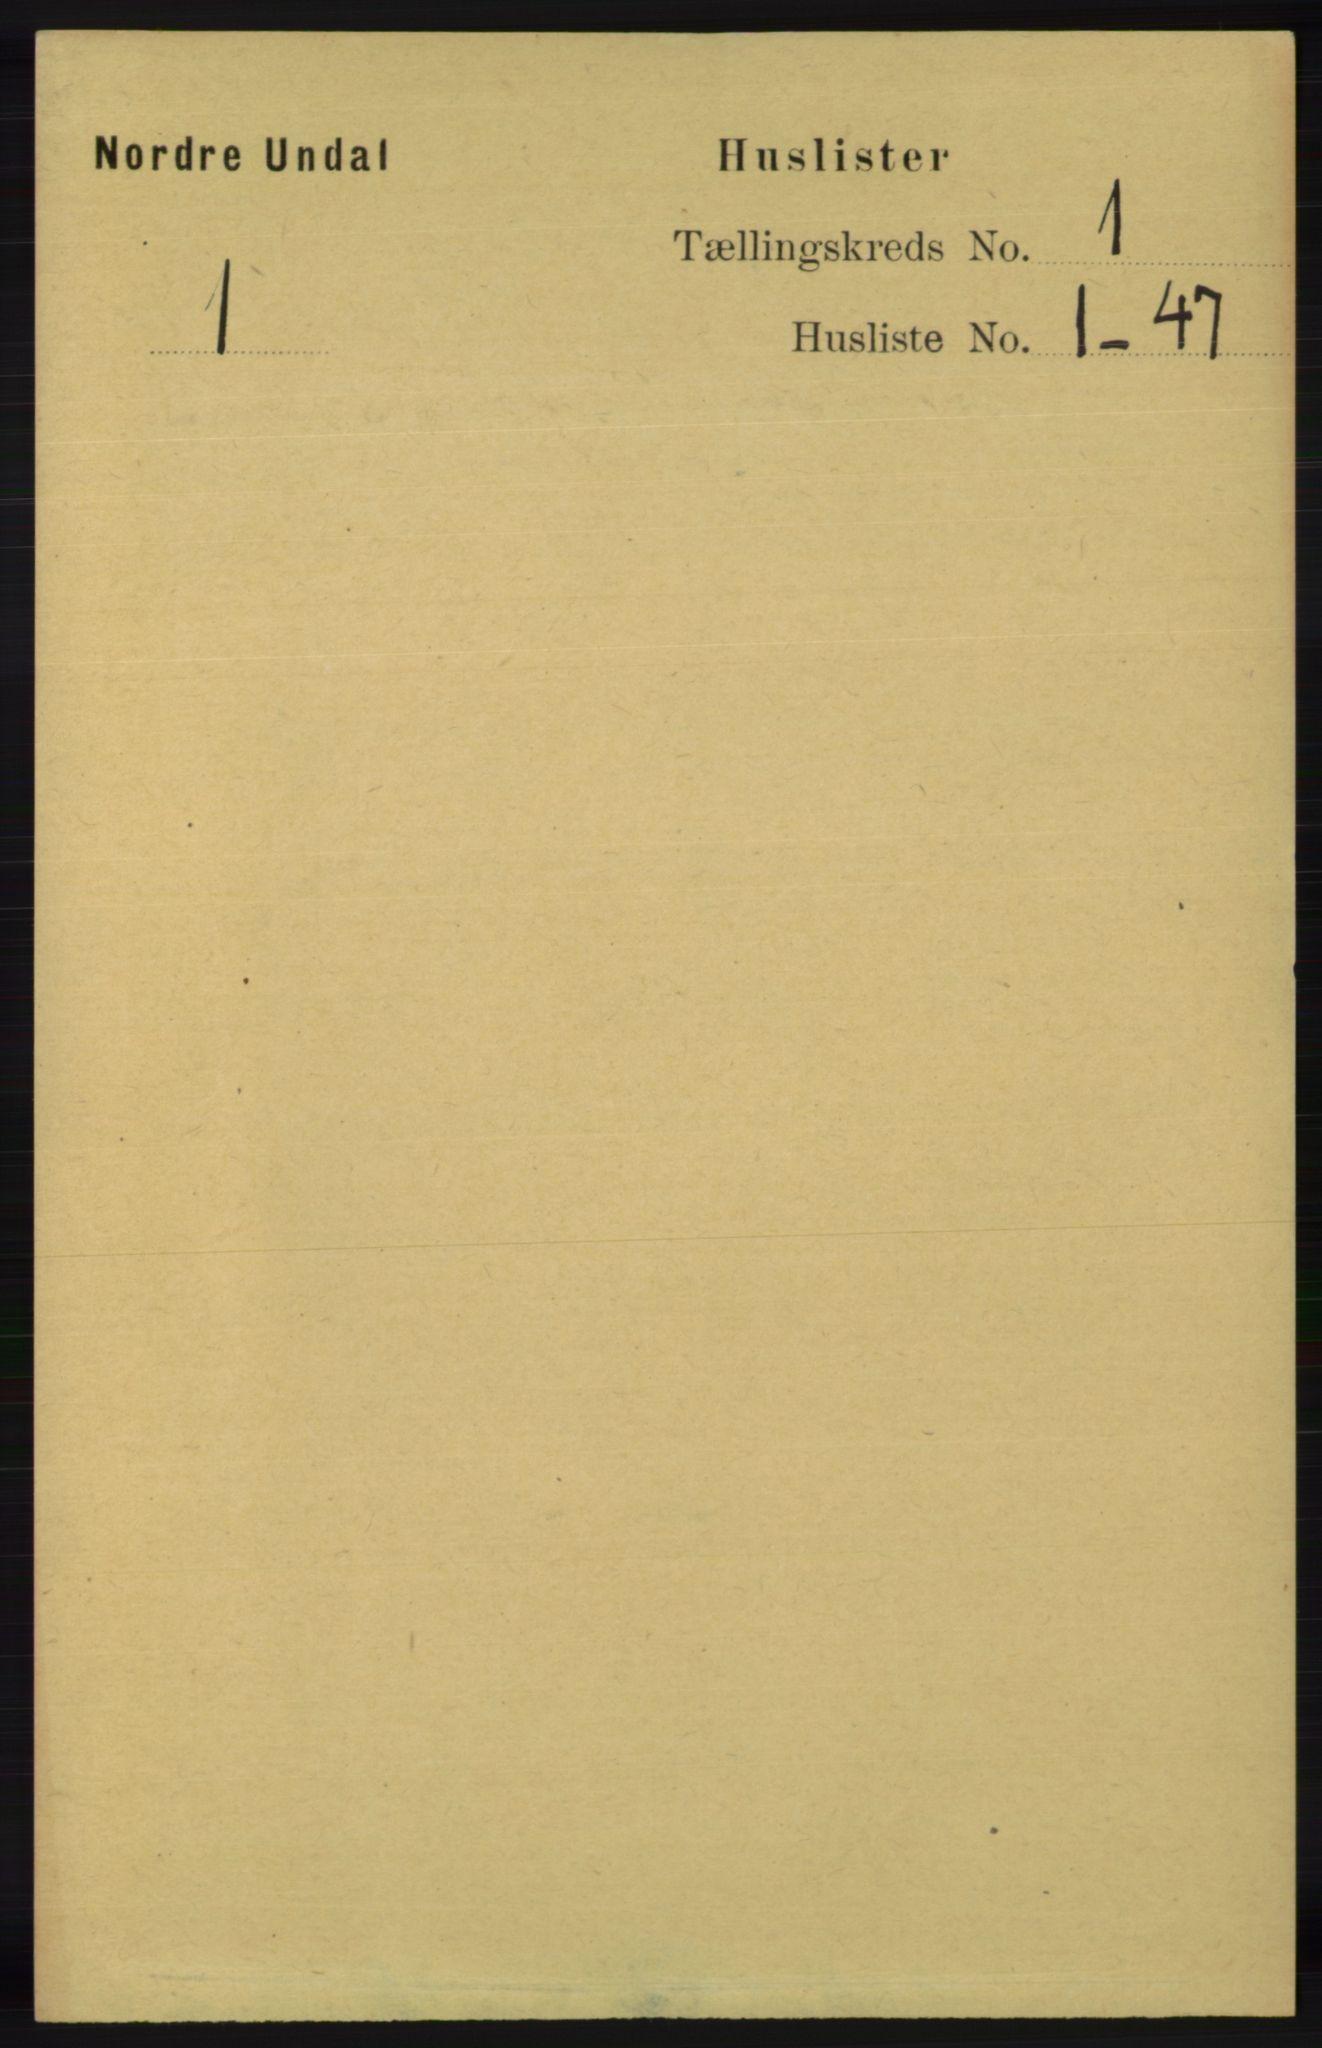 RA, Folketelling 1891 for 1028 Nord-Audnedal herred, 1891, s. 22